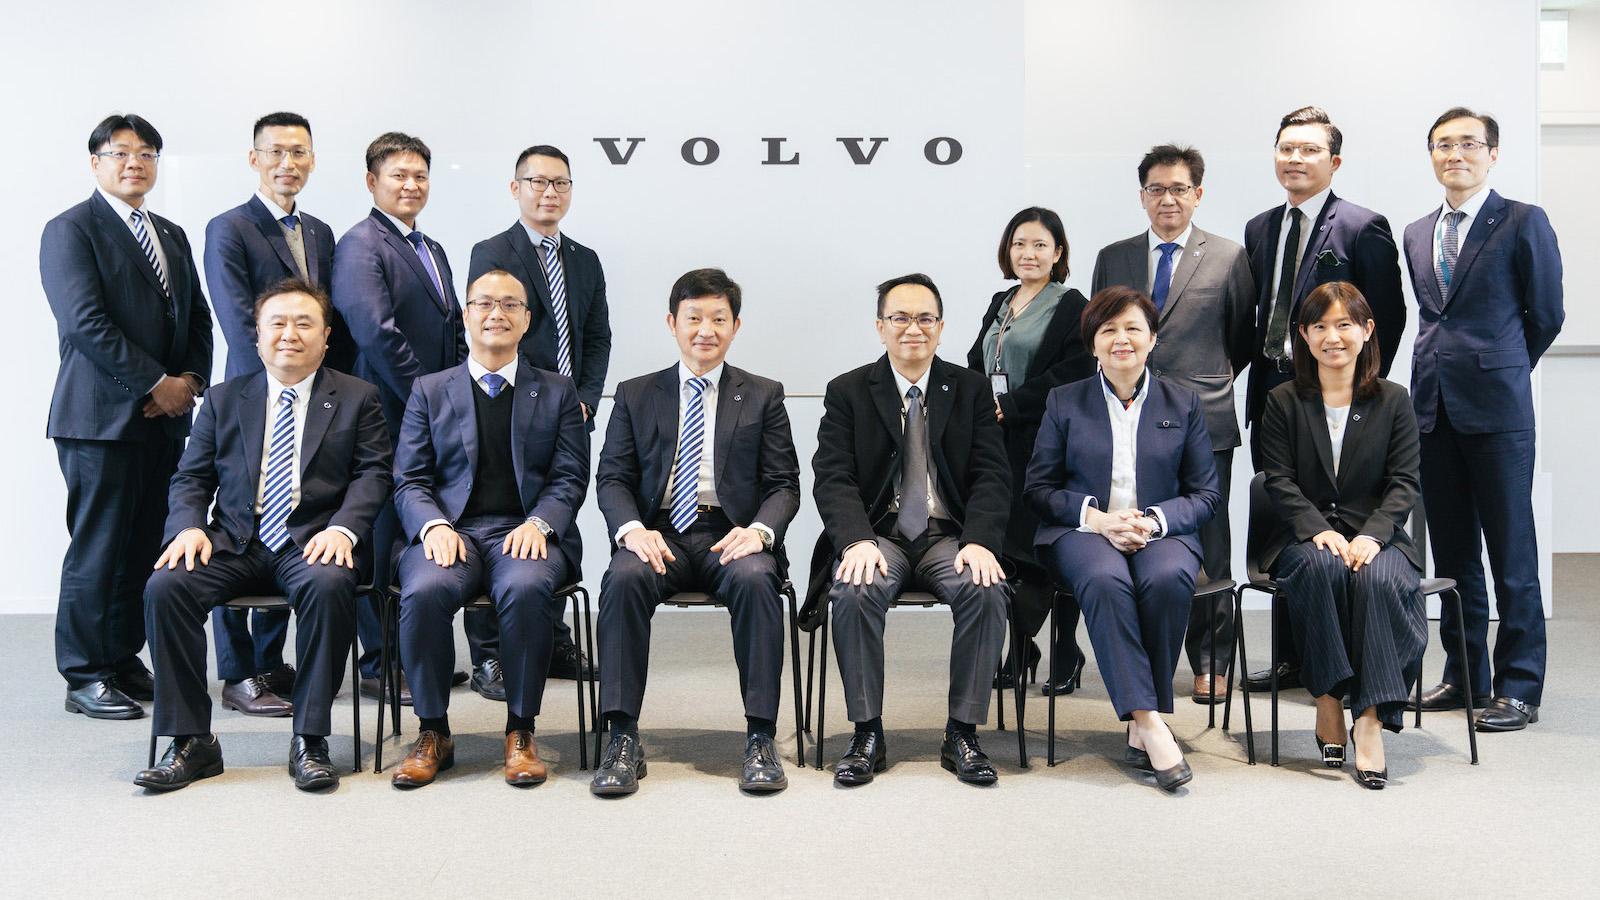 國際富豪汽車與國內知名汽車集團匯豐汽車出資成立的「匯勝汽車」強強聯手。